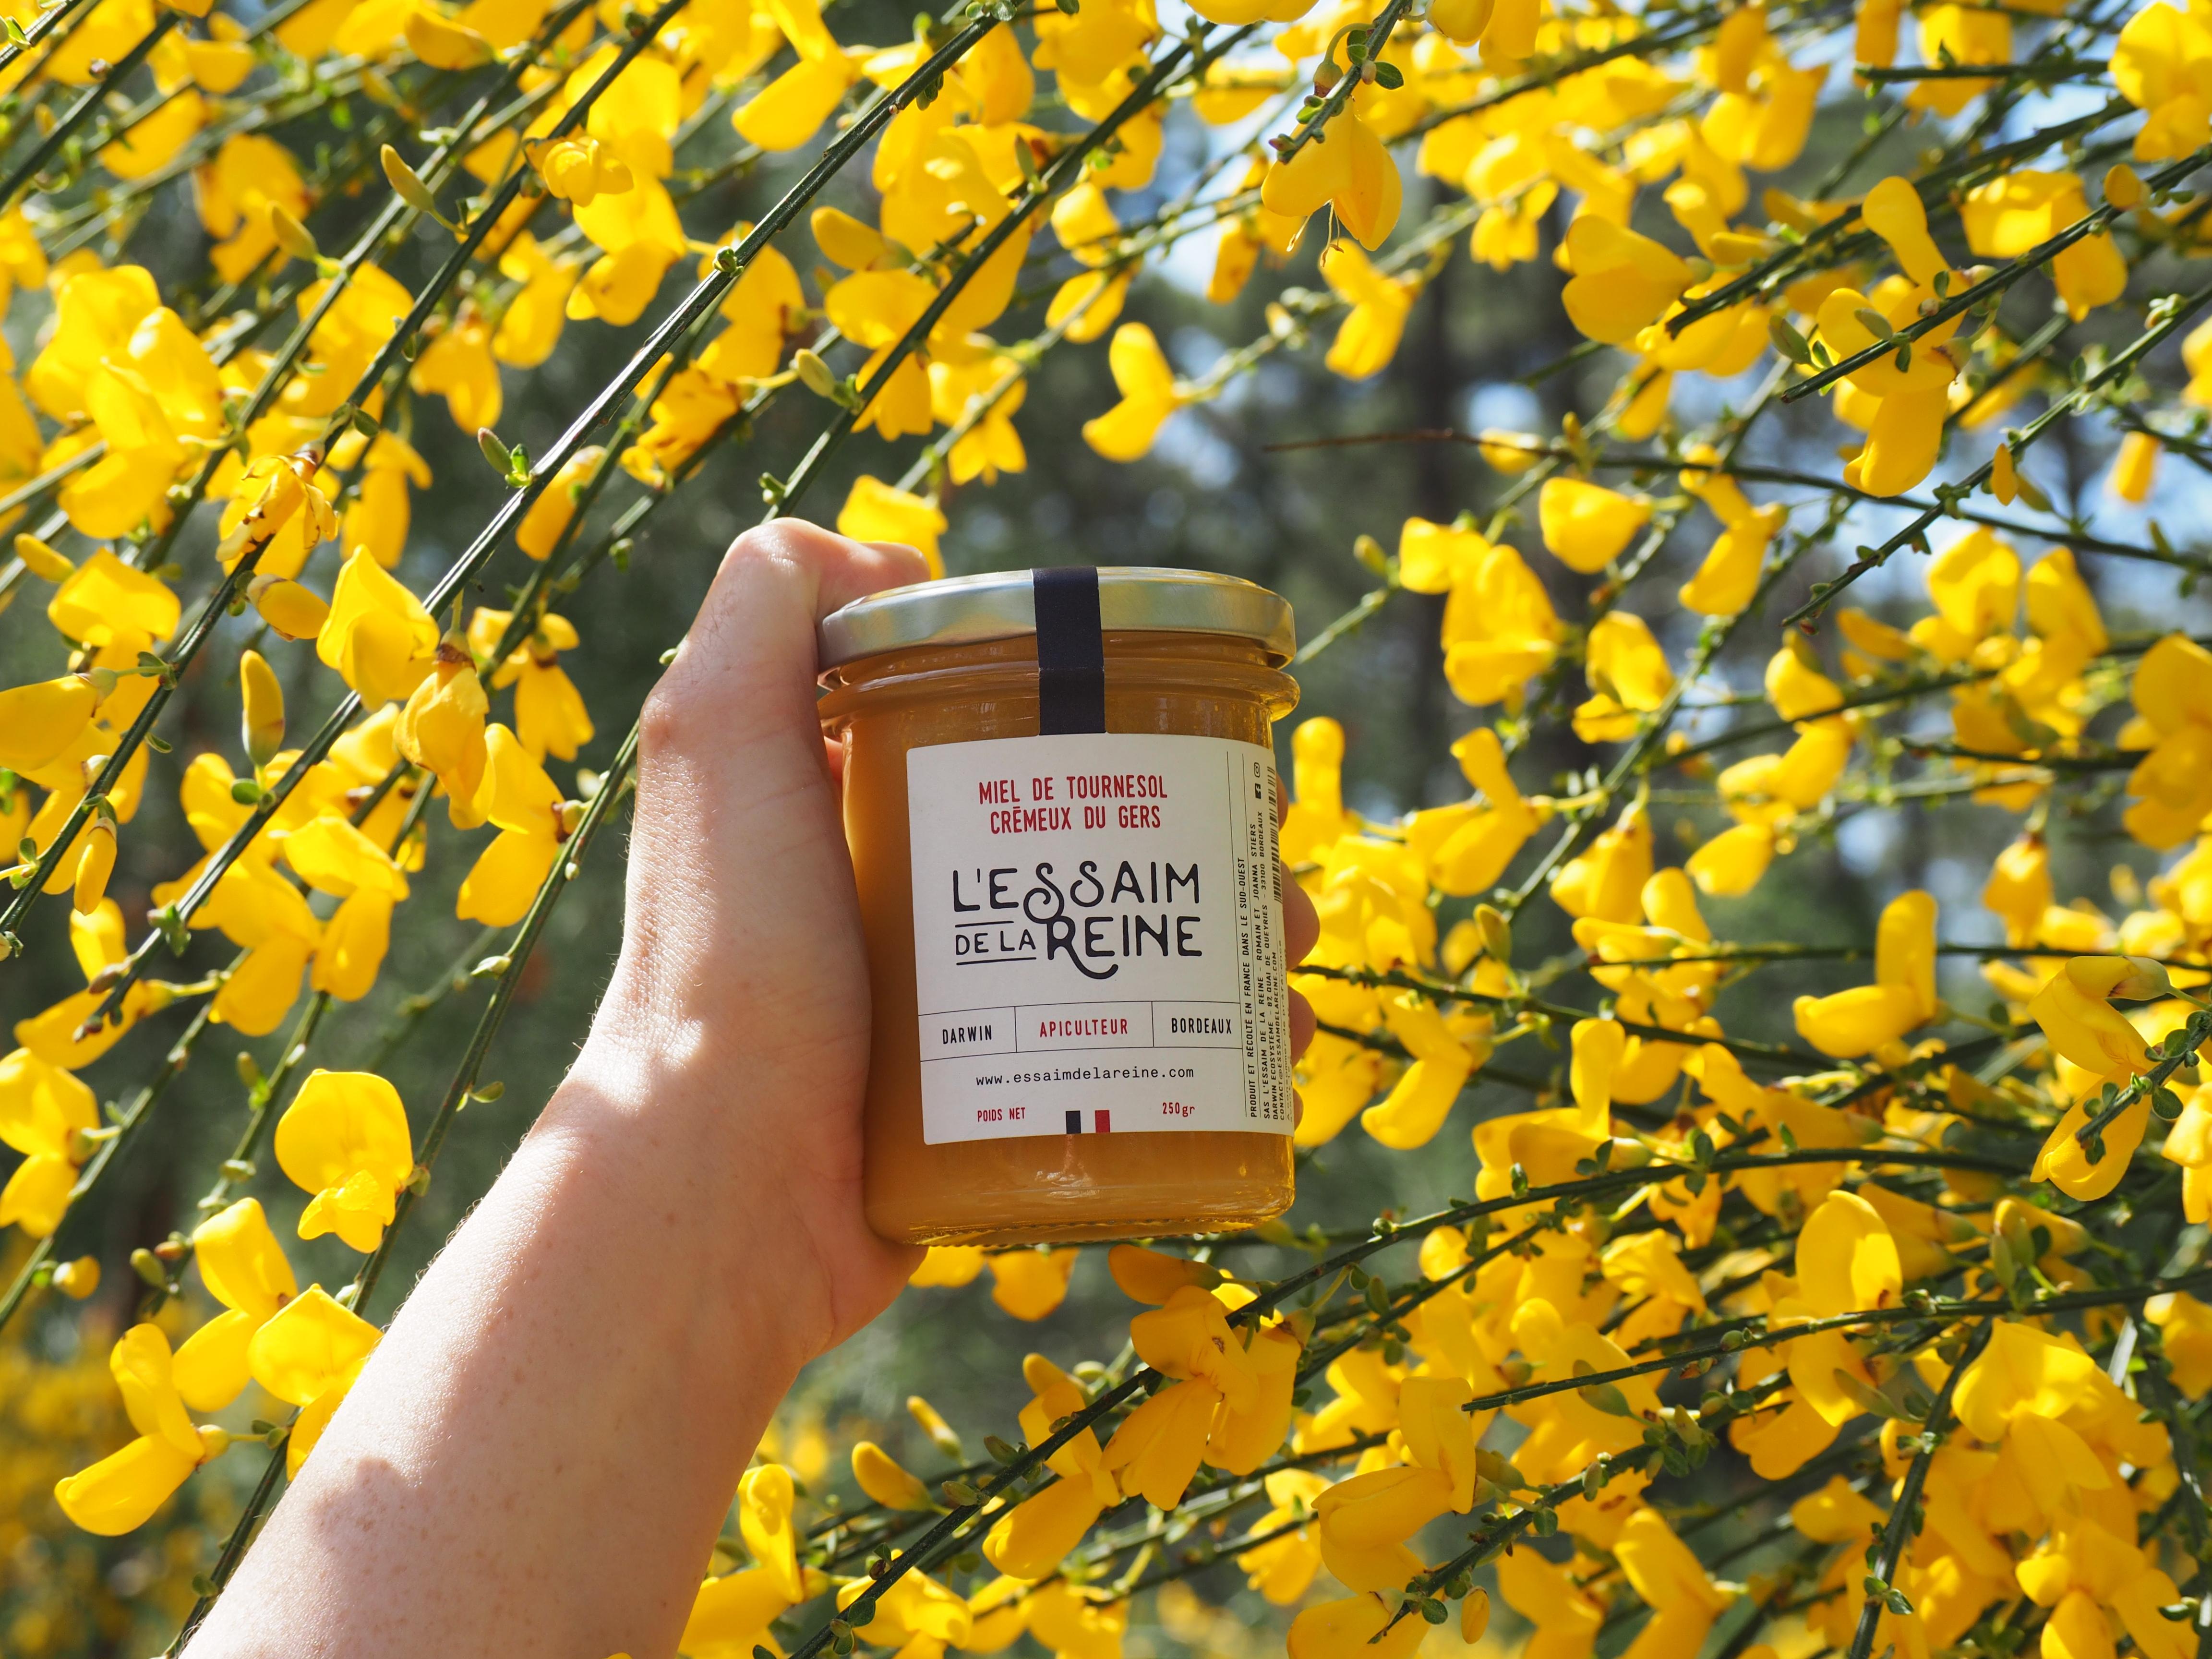 miel de tournesol du Gers